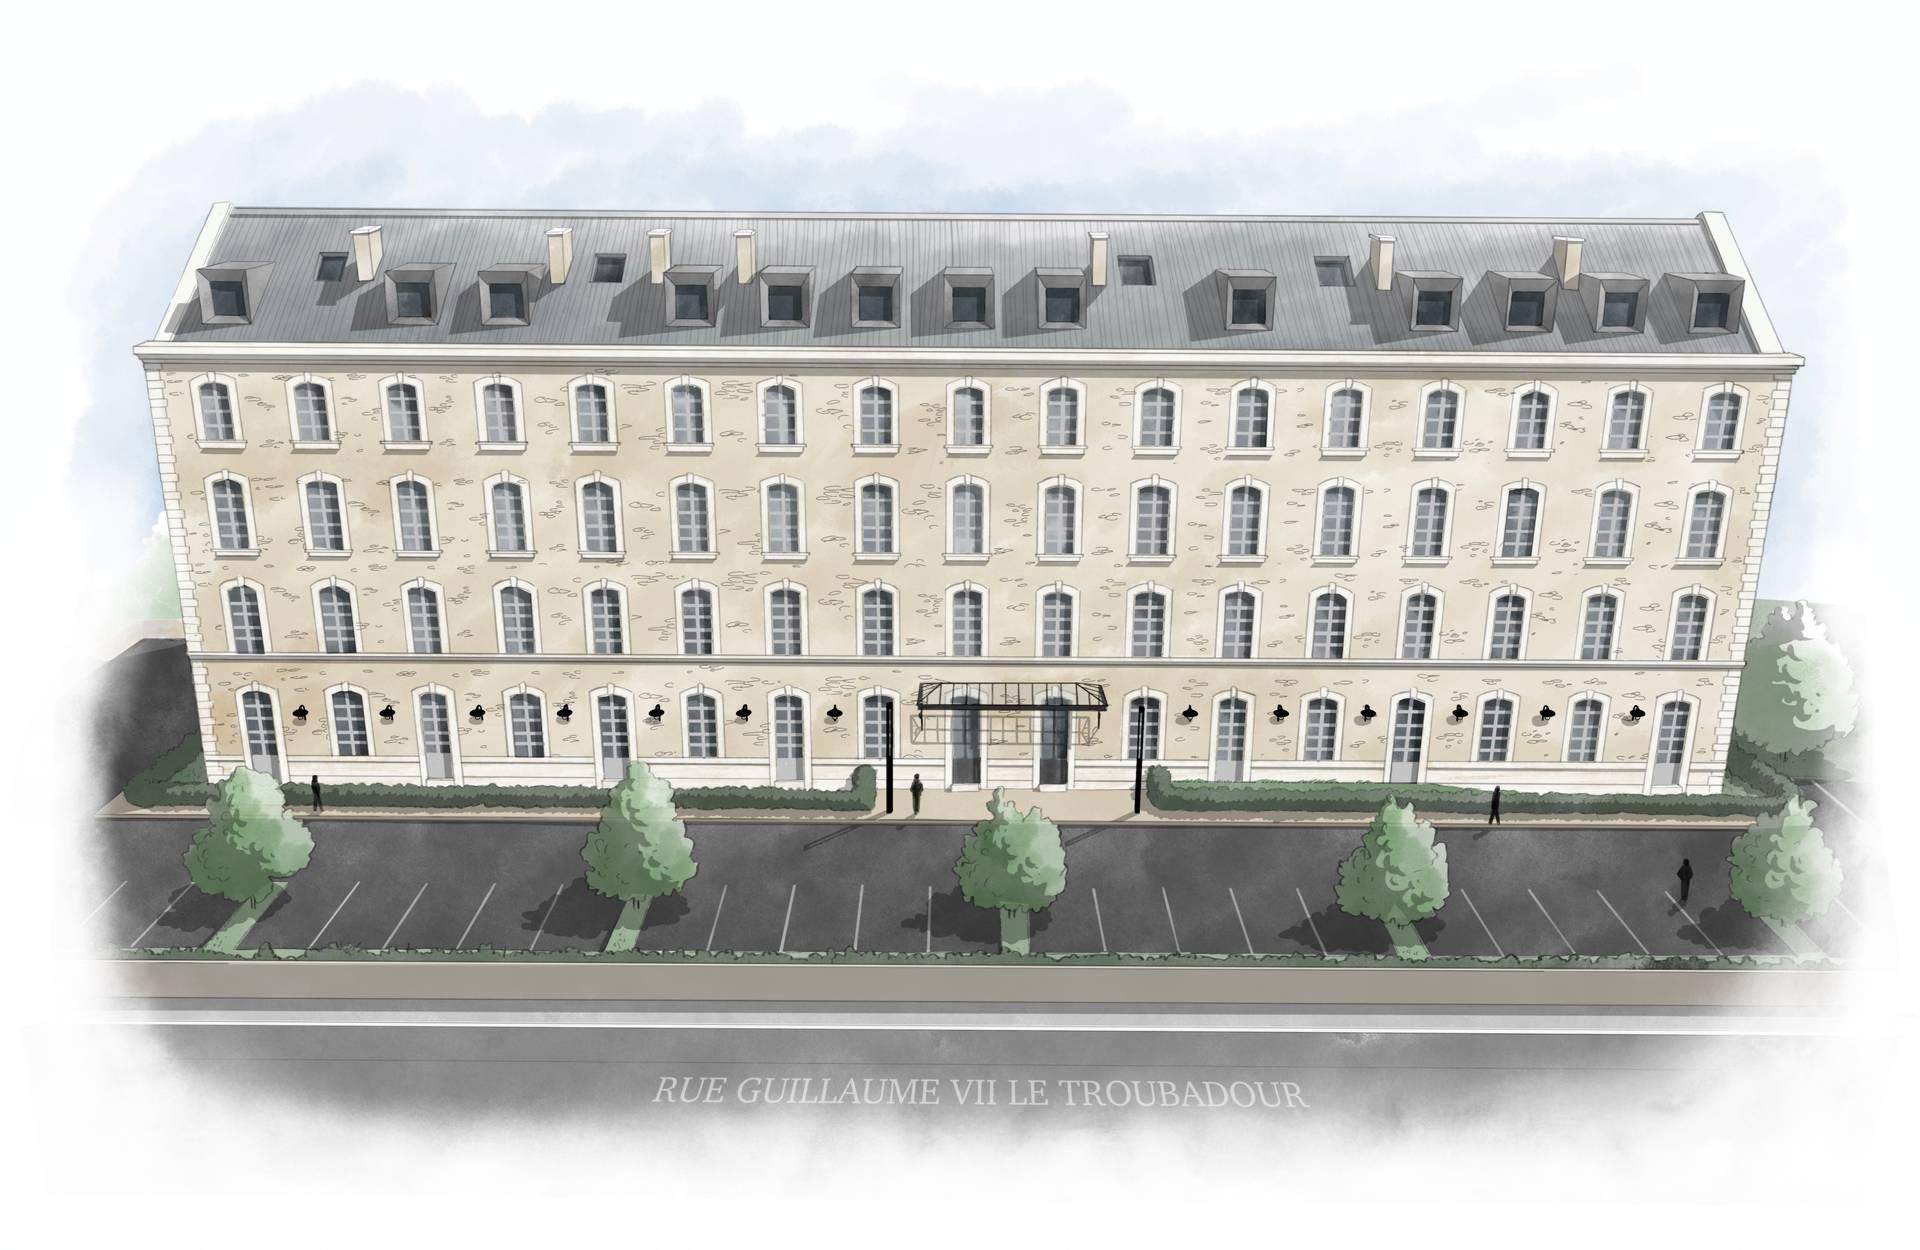 Poitiers-Transformation d'un bâtiment en 48 logements